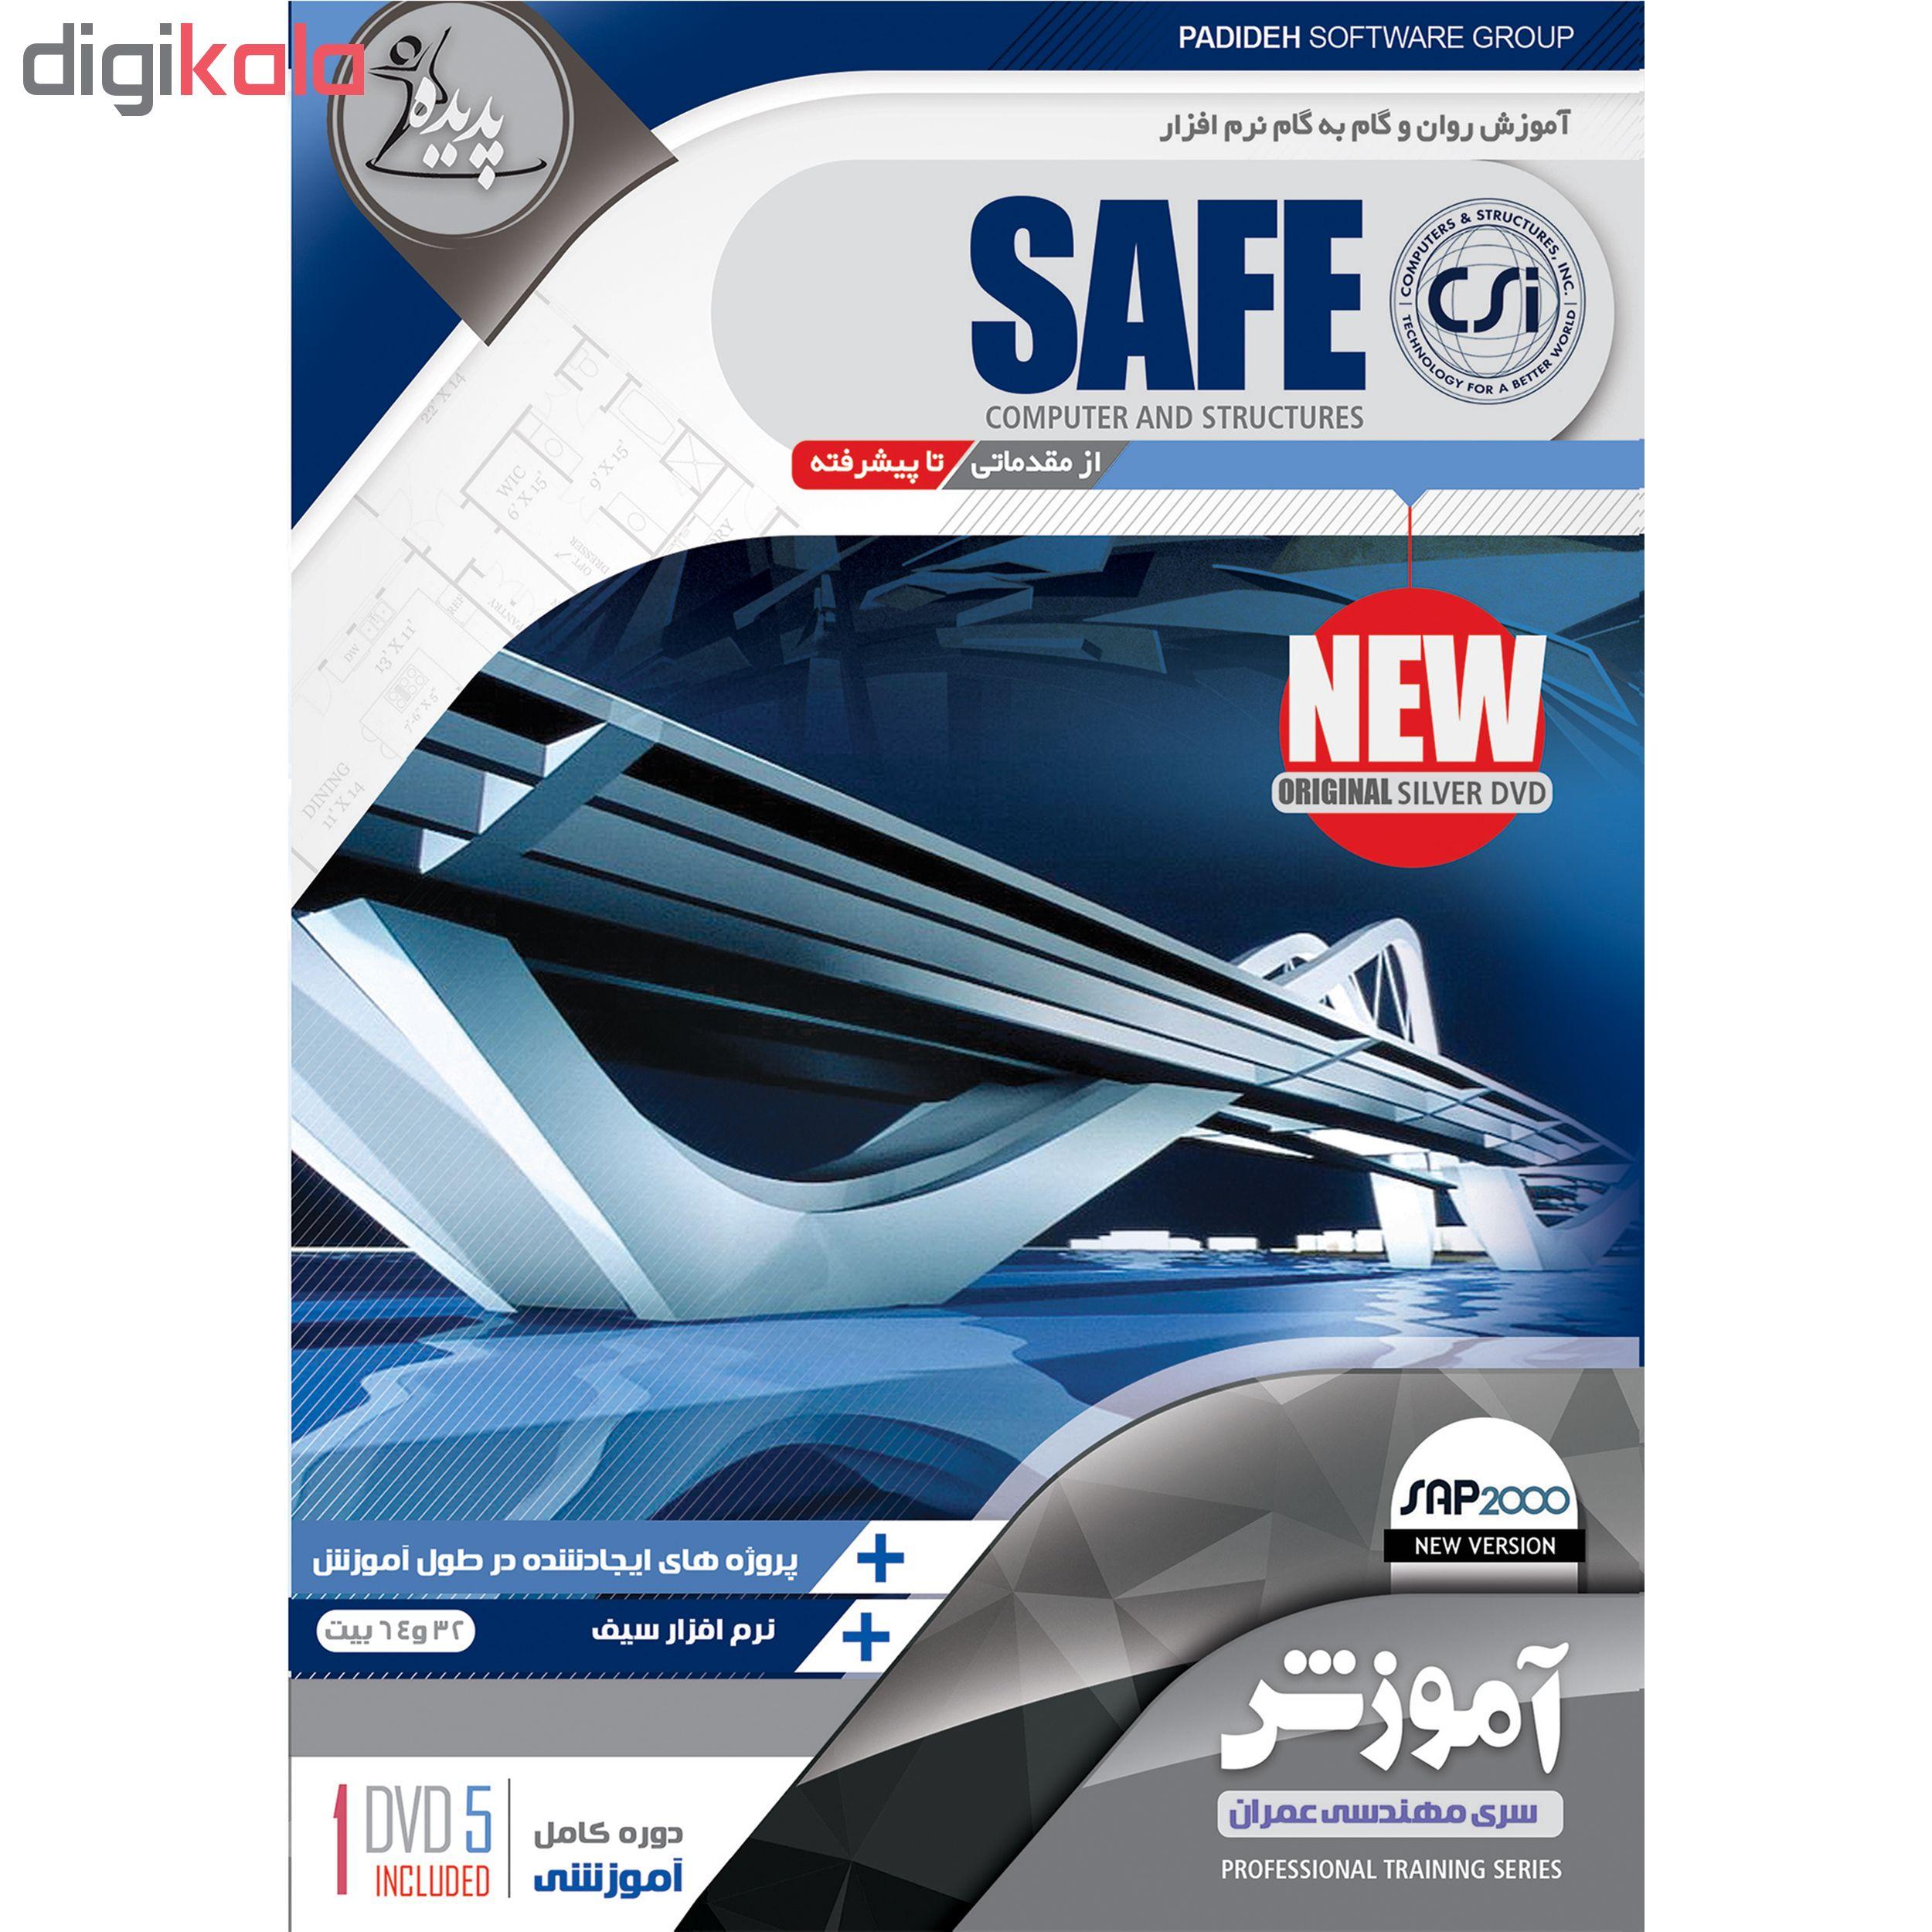 نرم افزار آموزش PLAXIS نشر پدیا سافت به همراه نرم افزار آموزش SAFE نشر پدیده